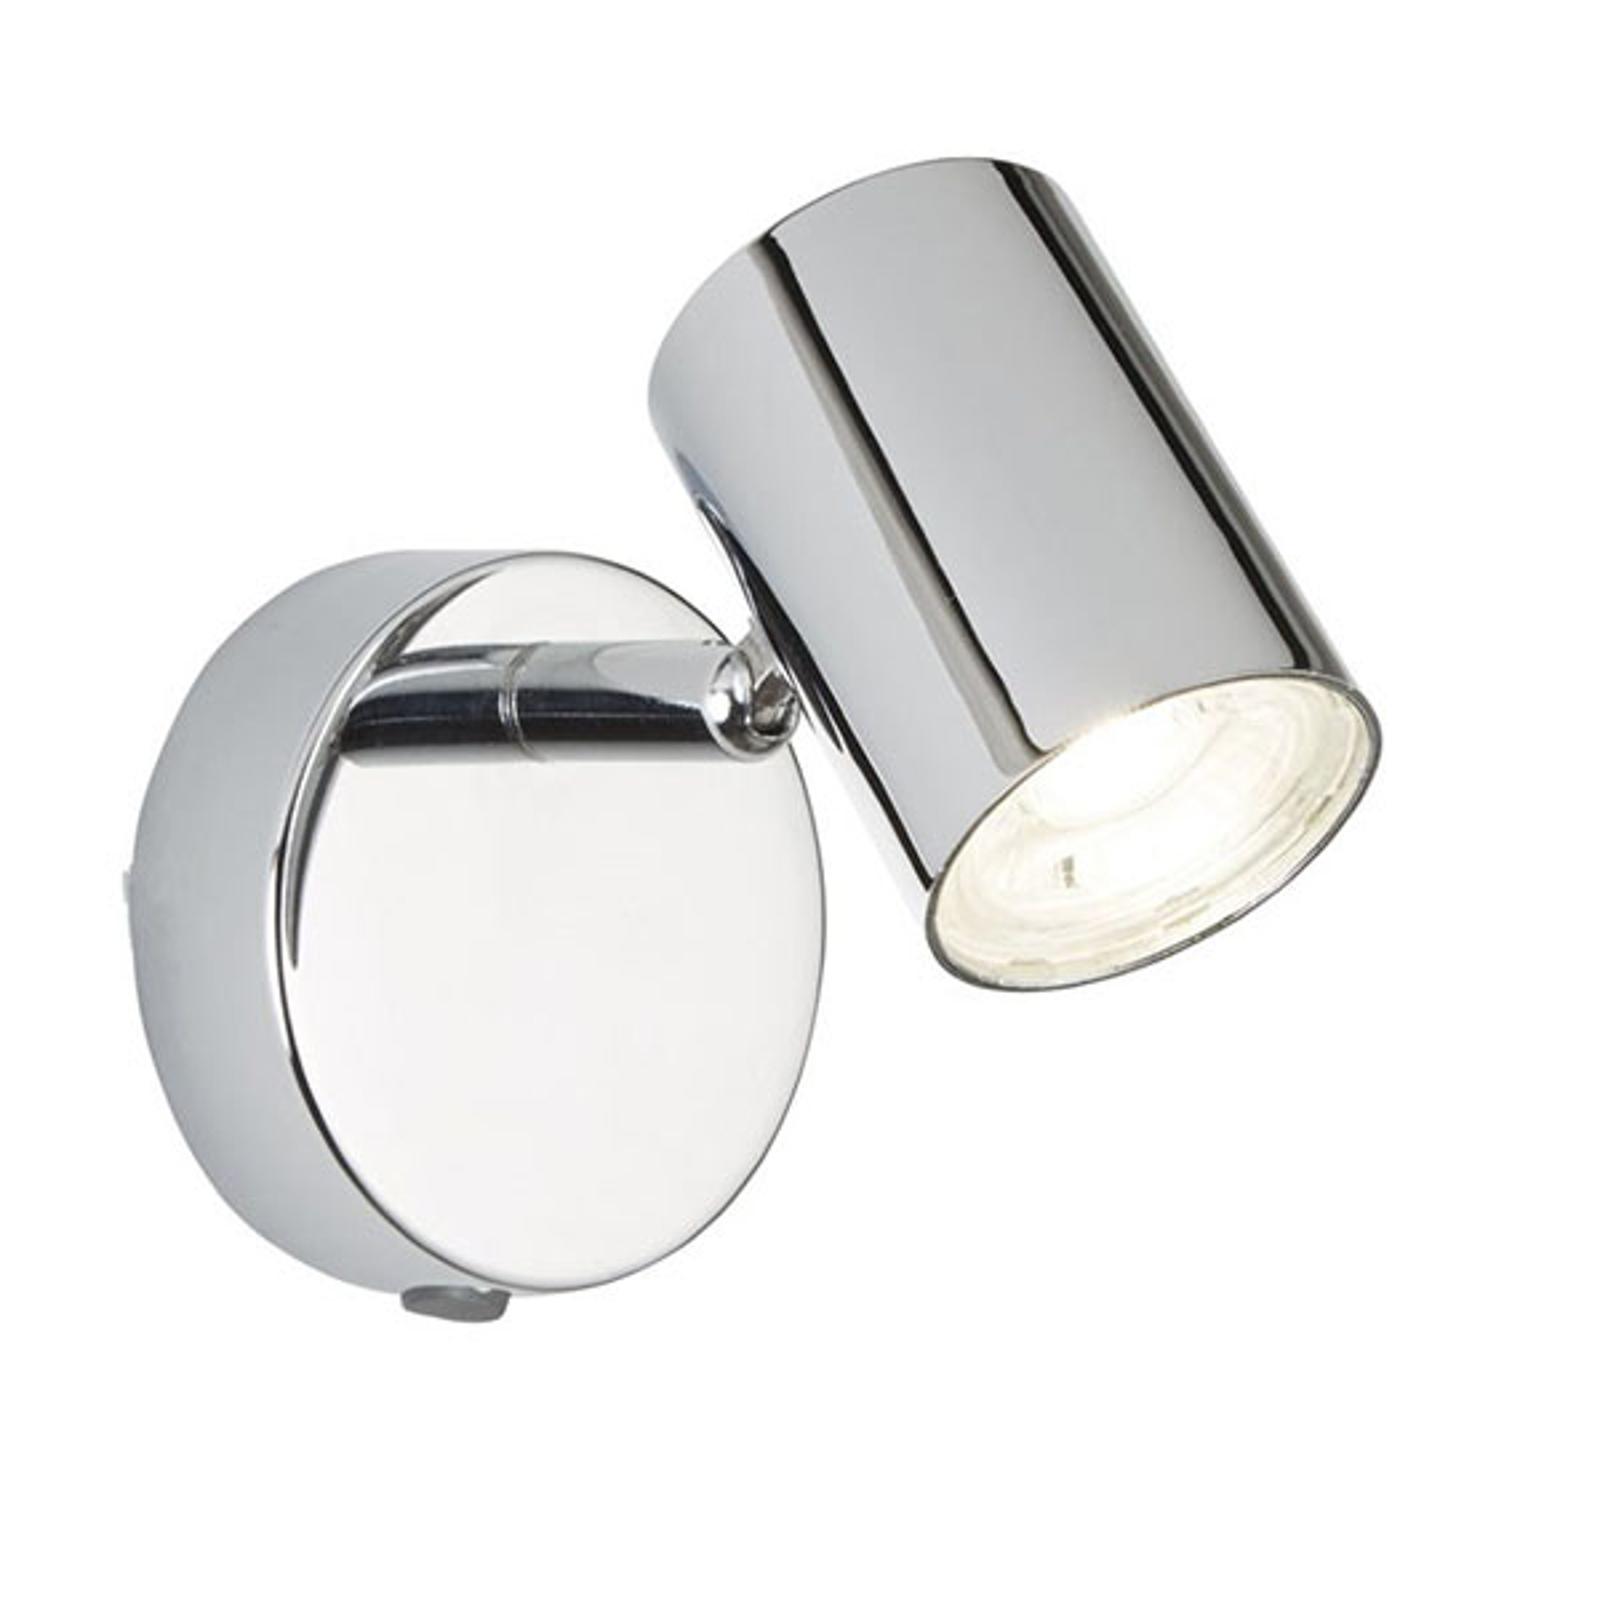 Reflektor ścienny LED Rollo chrom z przełącznikiem